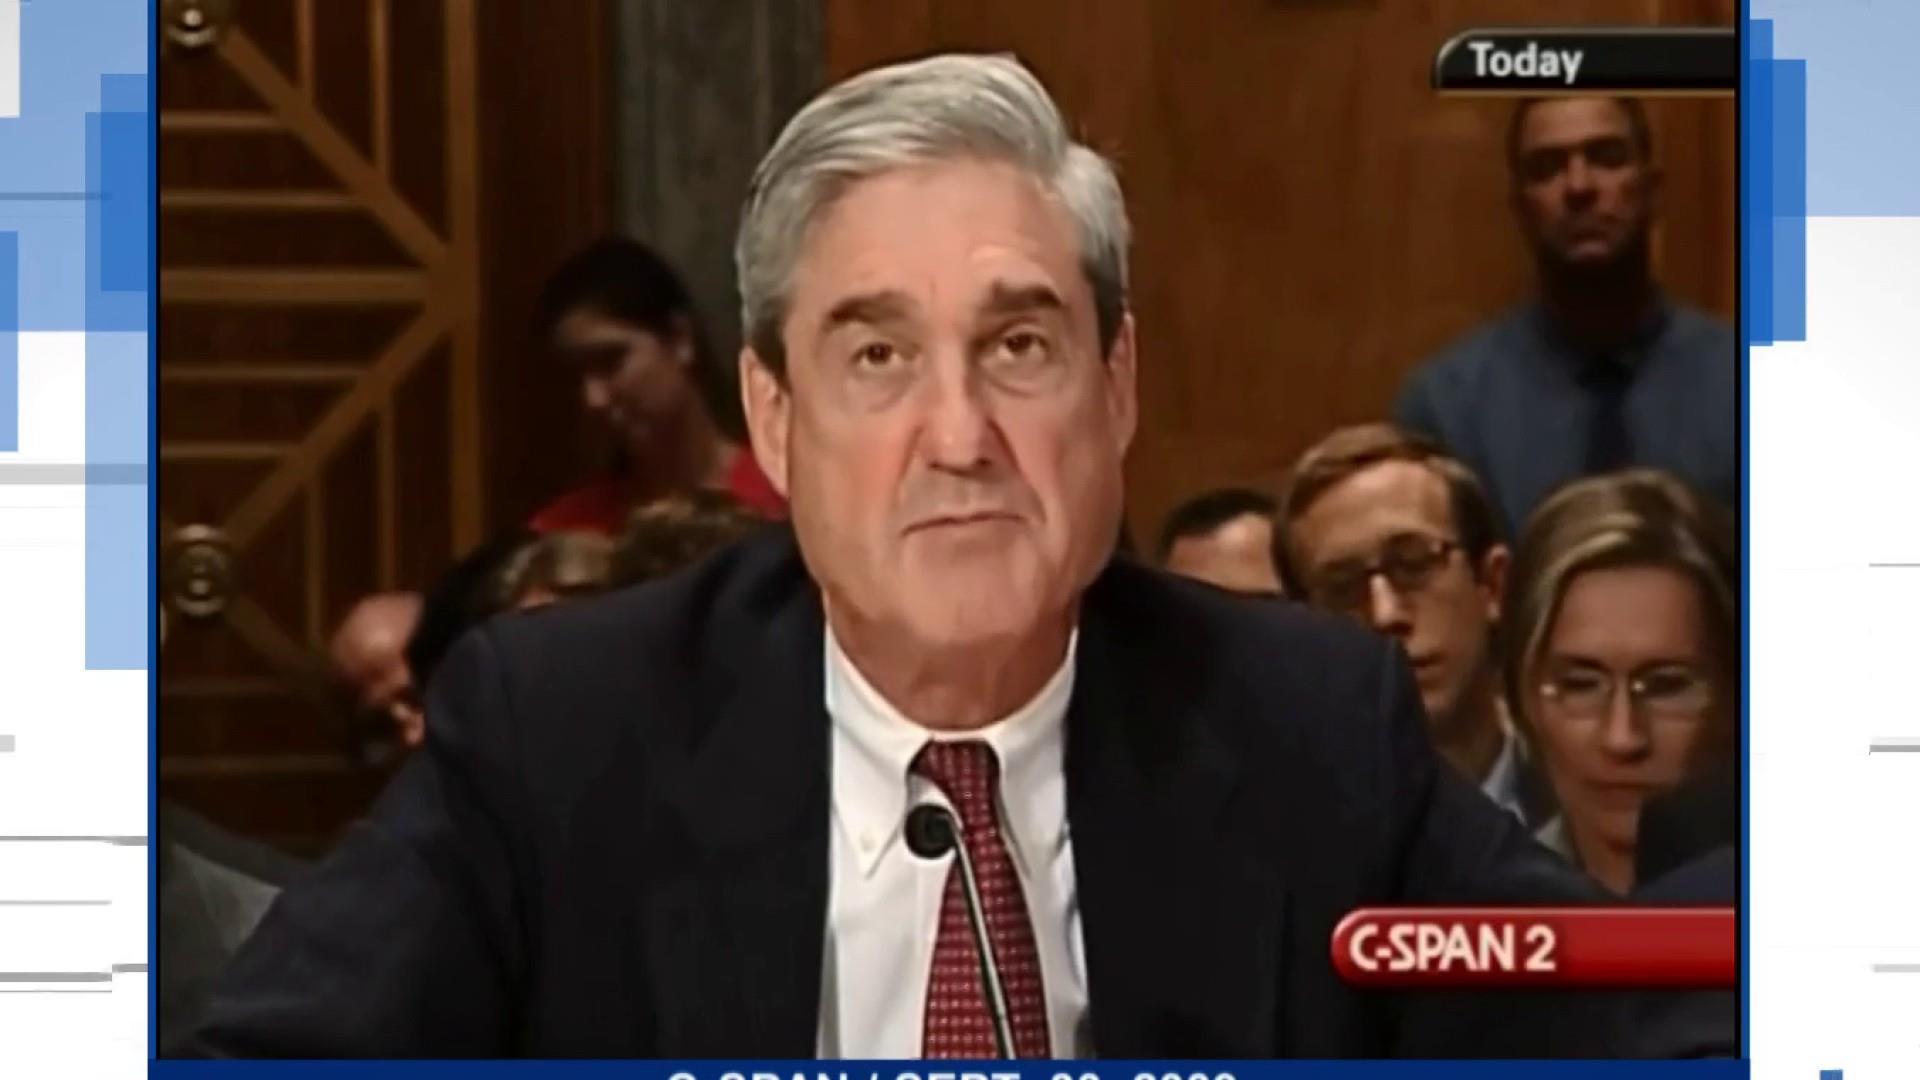 Prepping for Mueller, Dems subpoena new Mueller witnesses